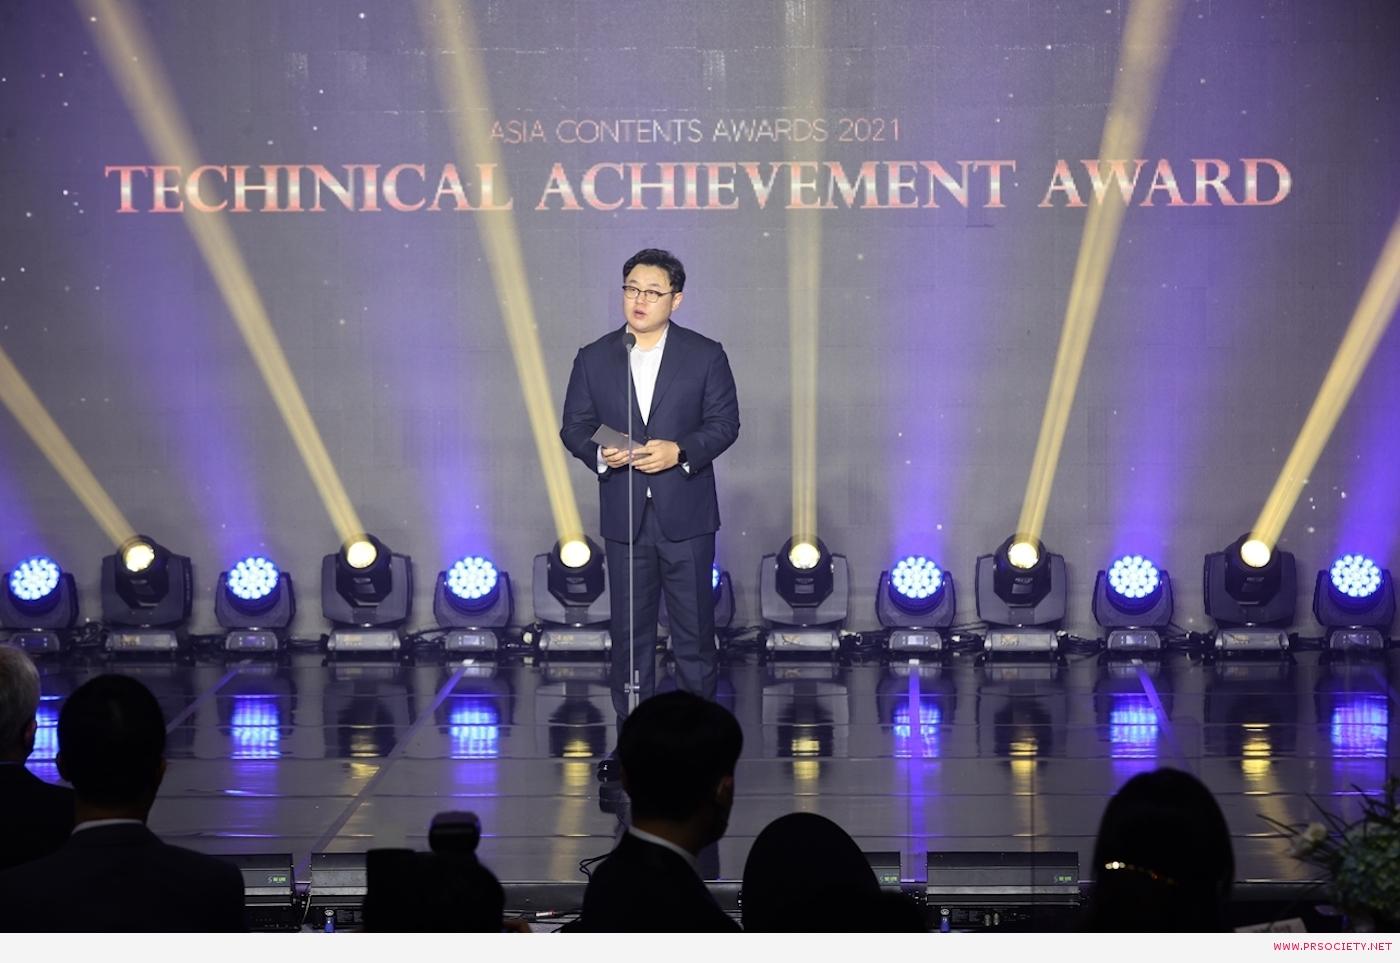 Netflix_Technical Achievement Award1